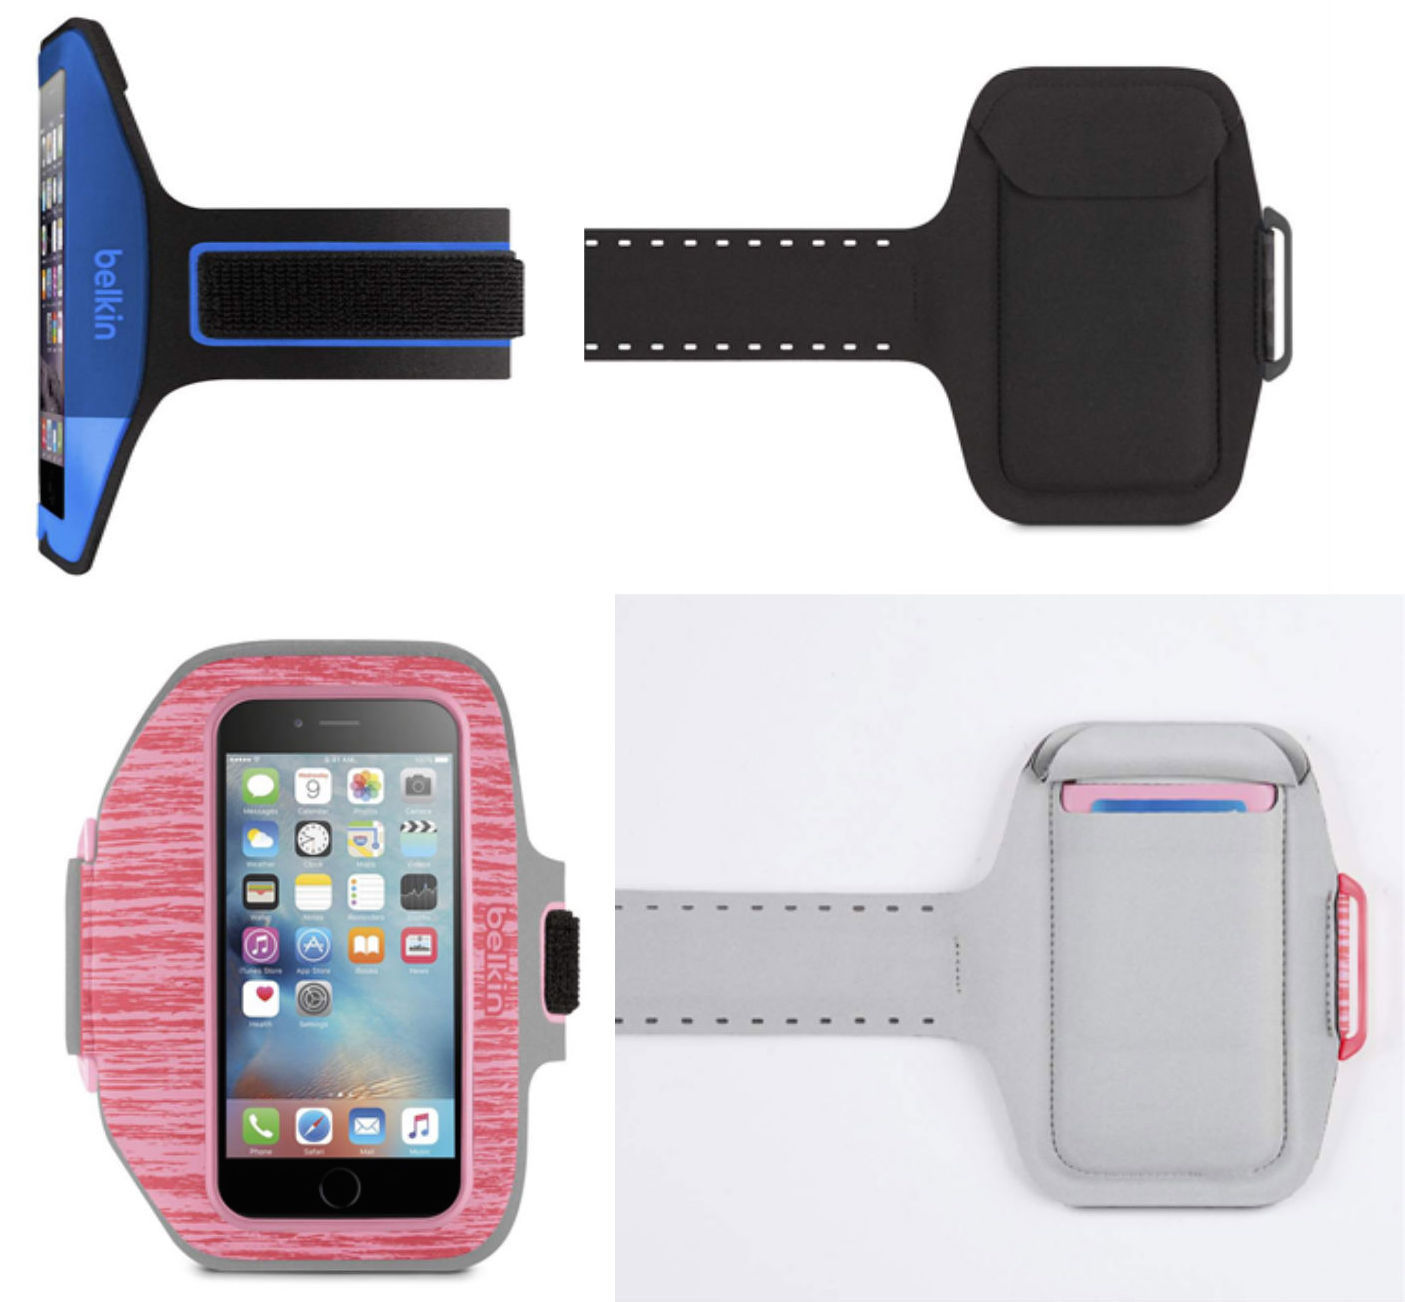 Обзор не гаджета. Выбираем лучший чехол для тренировок и другие аксессуары для смартфонов: повязки, сумки и силиконовый карман Adidas - 17